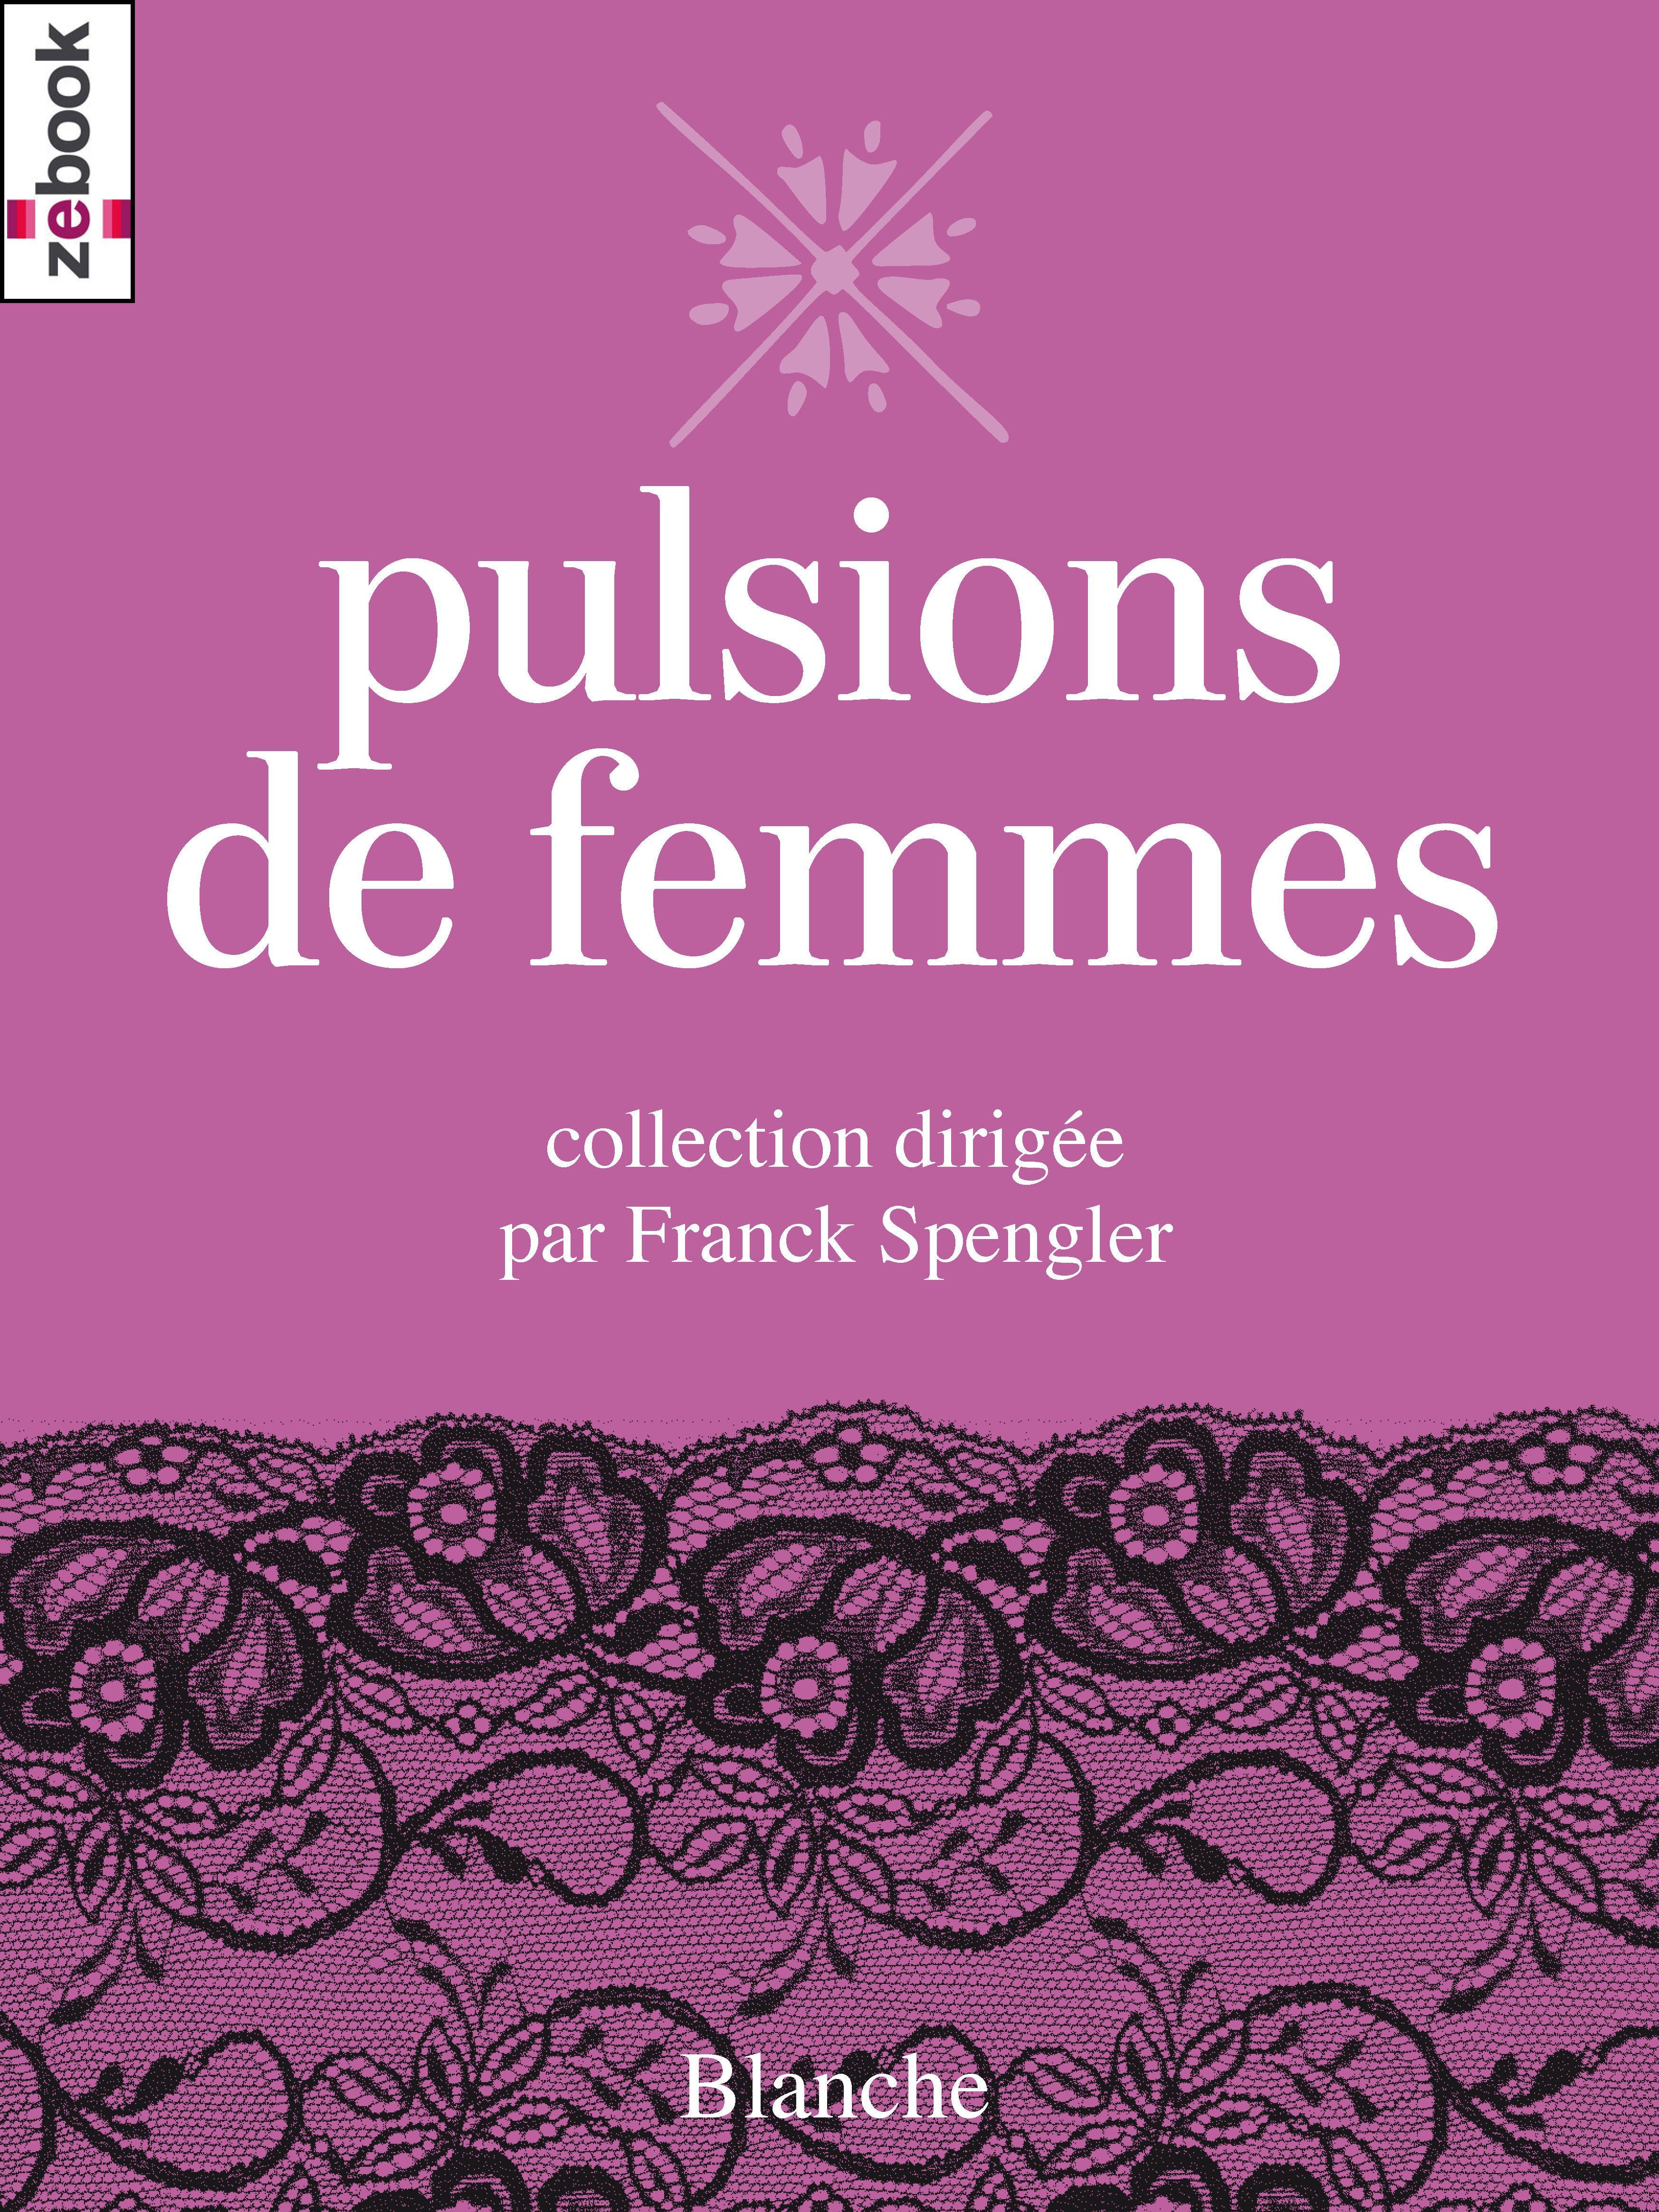 Pulsions de femmes